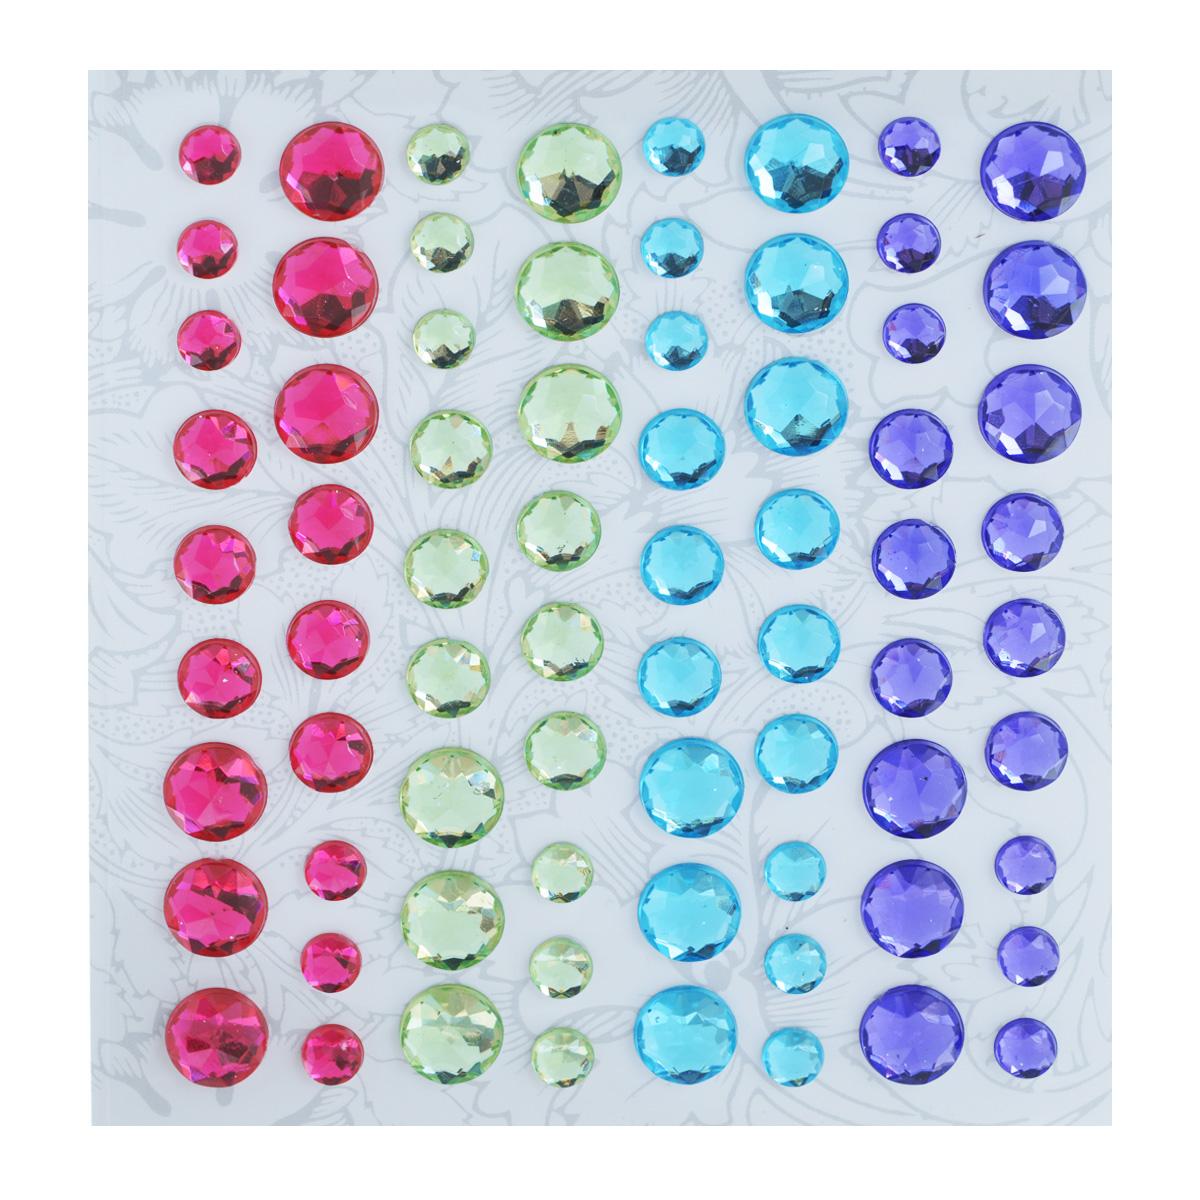 Наклейки декоративные Астра, 72 шт. 77084207708420Декоративные наклейки Астра, изготовленные из пластика, прекрасно подойдут для оформления творческих работ в технике скрапбукинга. Их можно использовать для украшения фотоальбомов, скрап-страничек, подарков, конвертов, фоторамок, открыток и т.д. Объемные разноцветные наклейки круглой формы с рельефной поверхностью оснащены задней клейкой стороной. Скрапбукинг - это хобби, которое способно приносить массу приятных эмоций не только человеку, который этим занимается, но и его близким, друзьям, родным. Это невероятно увлекательное занятие, которое поможет вам сохранить наиболее памятные и яркие моменты вашей жизни, а также интересно оформить интерьер дома. Диаметр наклеек: 6 мм, 8 мм, 10 мм.